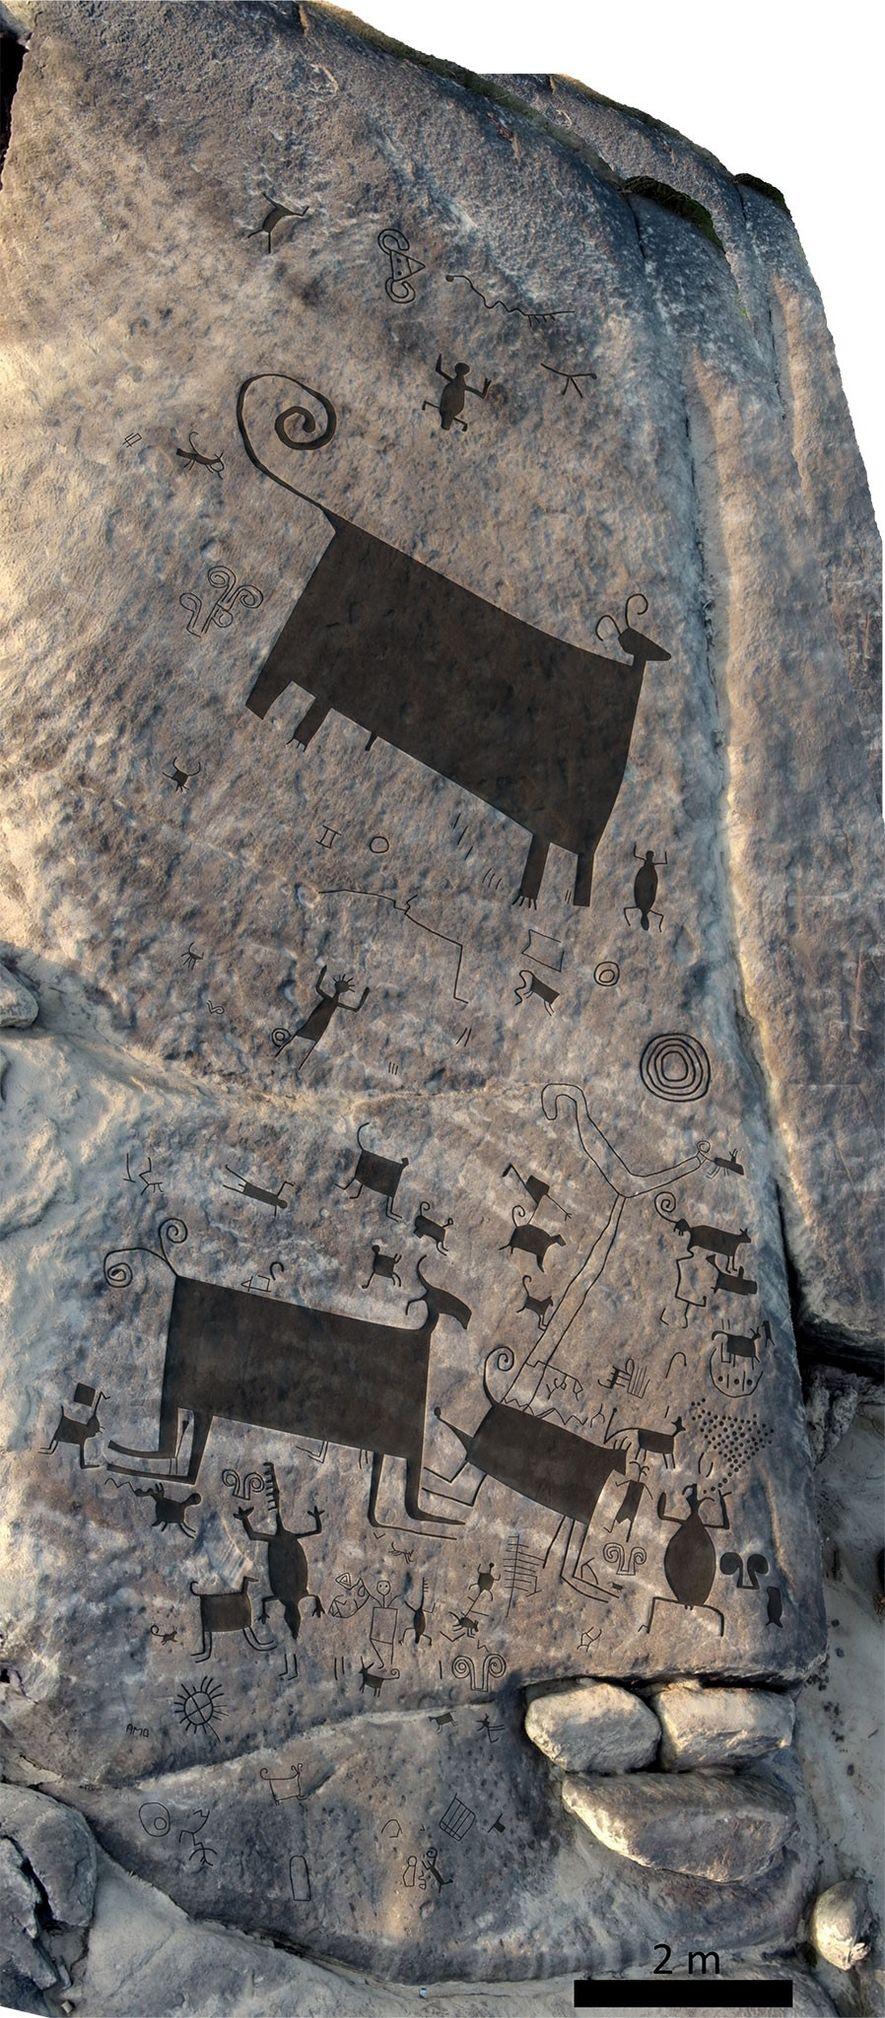 Perspetiva aérea da face este em Picure, com sobreposição interpretativa das principais gravuras. A escala surge ...